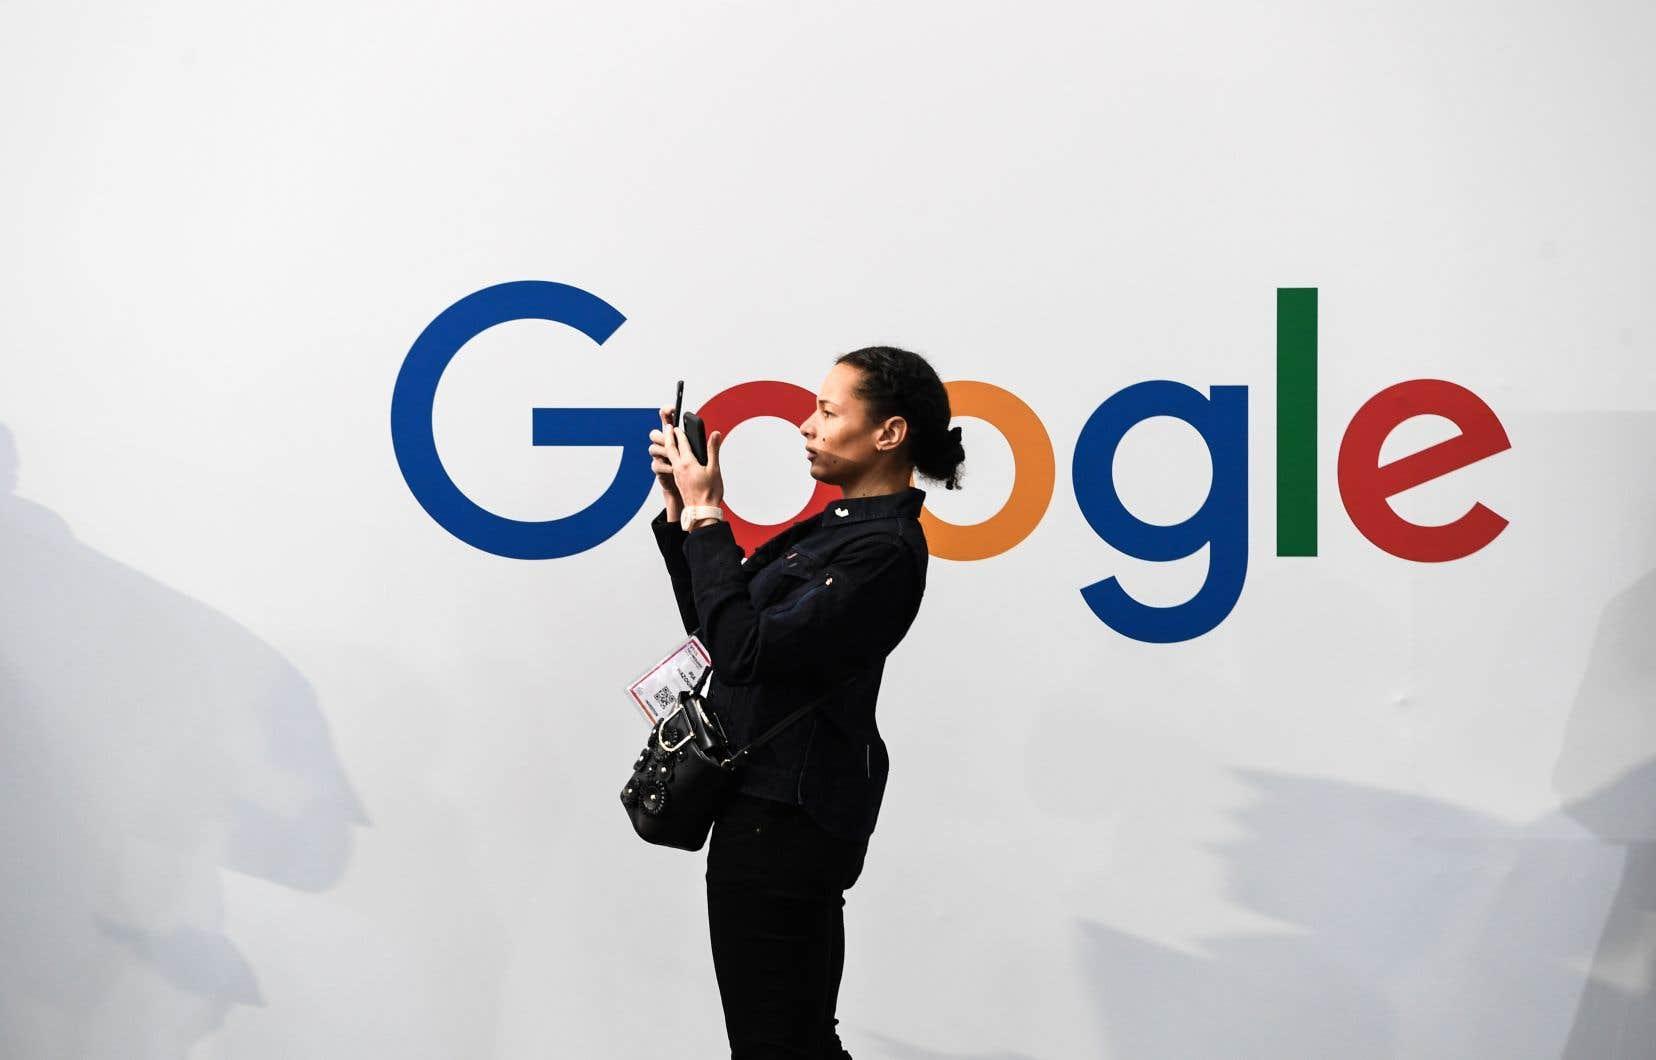 Le décret présidentiel interdisant le partage de technologies, Google va toutefois devoir cesser de collaborer avec Huawei pour les futurs appareils.